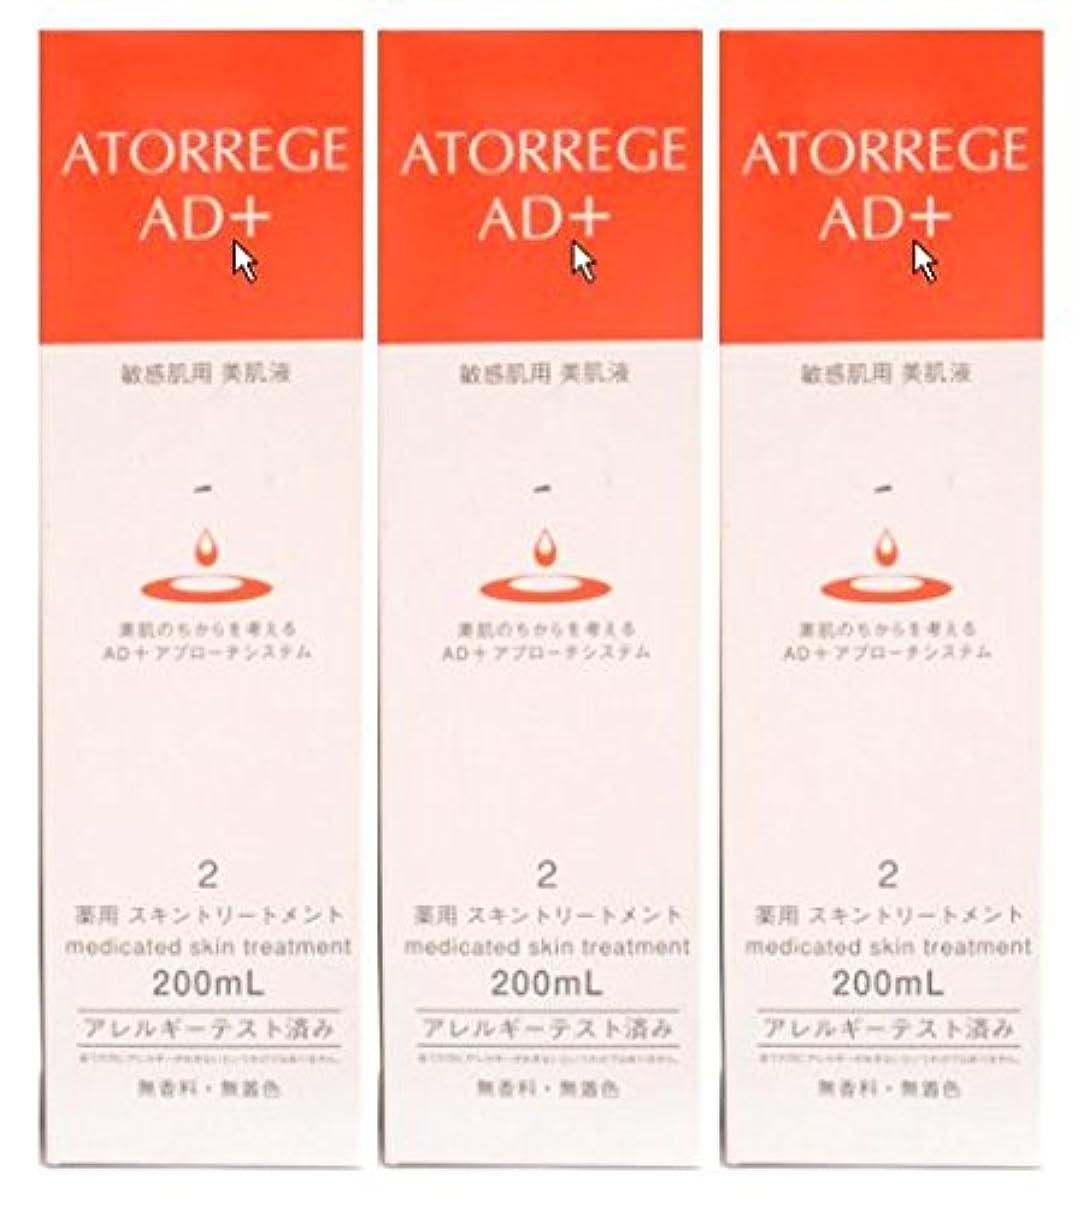 細心の物質ブランド(お買い得3本セット)アトレージュ AD+薬用スキントリートメント 200ml(敏感肌用化粧水)(医薬部外品)